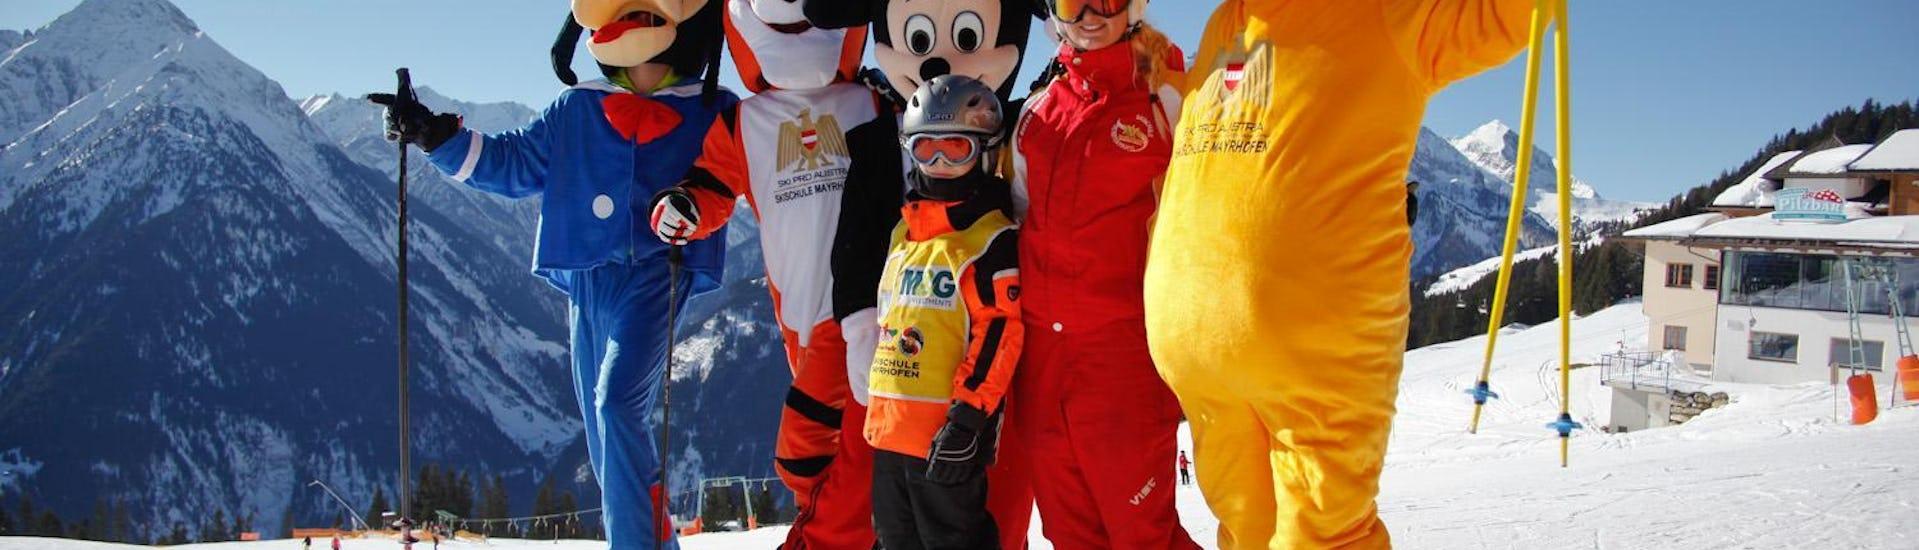 Skikurs für Kinder (4-12 Jahre) - Alle Levels